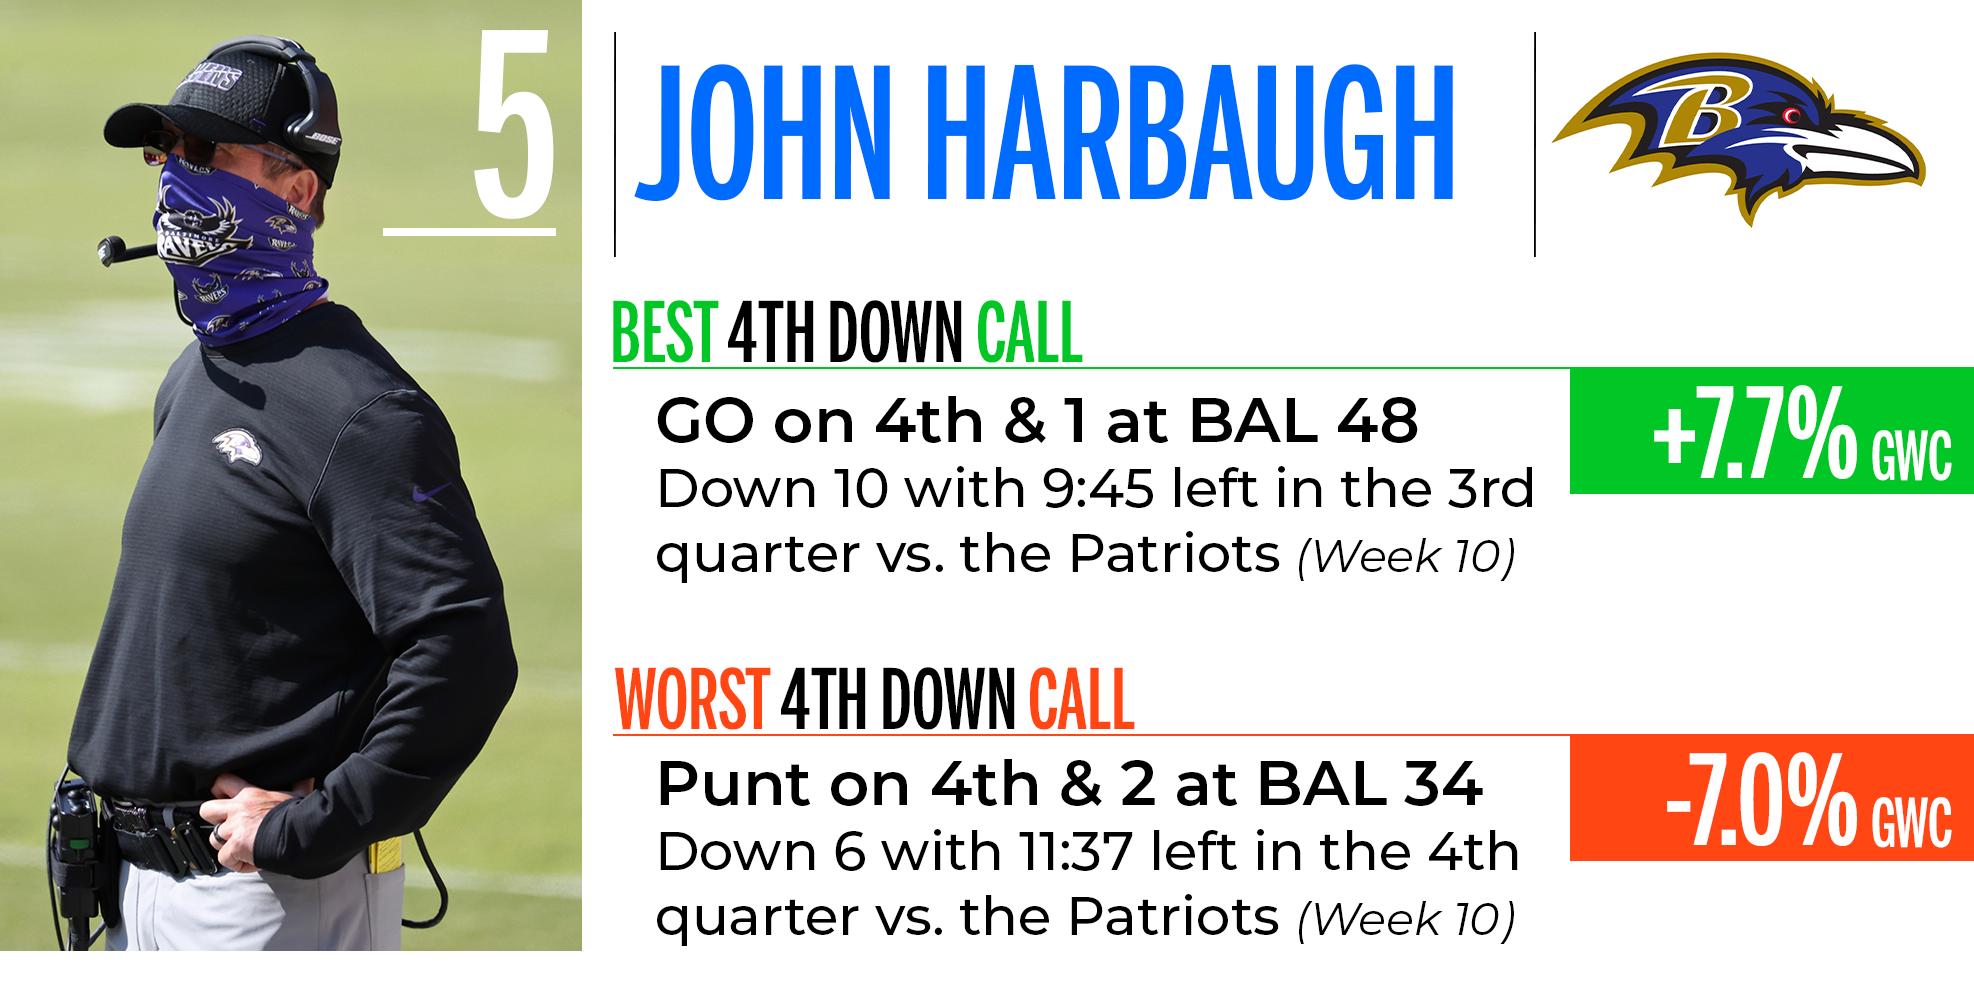 John Harbaugh